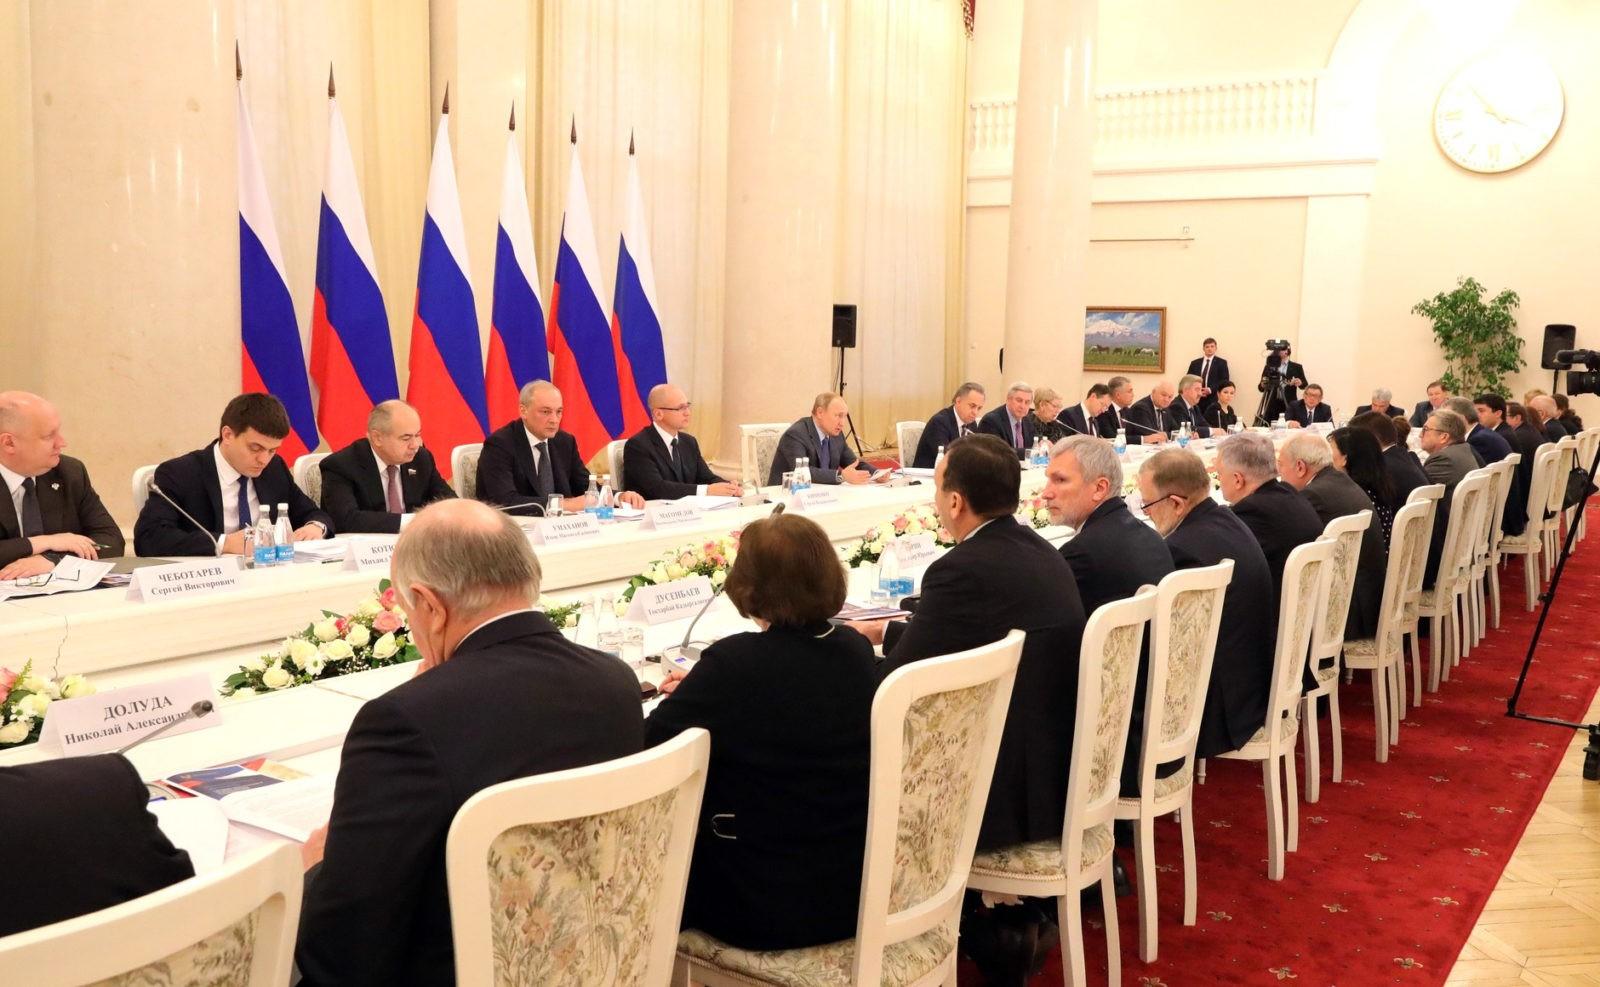 2022-й станет годом народного искусства и культурного наследия народов России, — поручение Президента